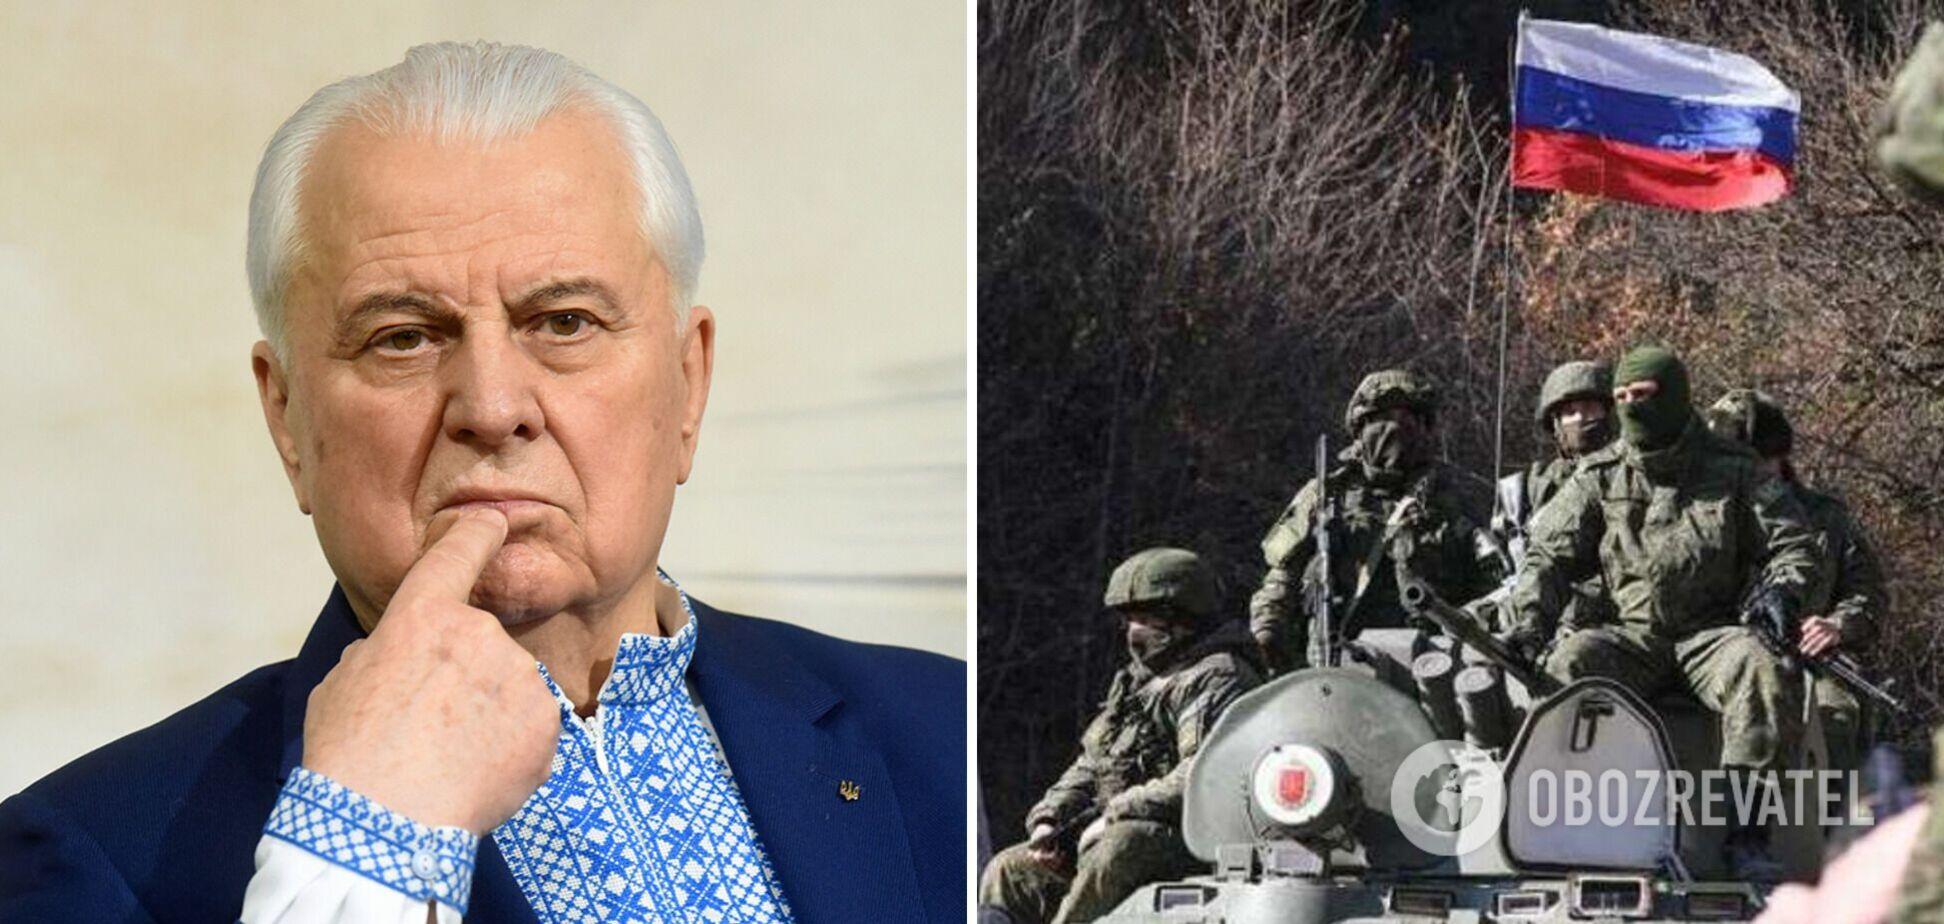 Кравчук объяснил, почему Путин отвел войска от Украины